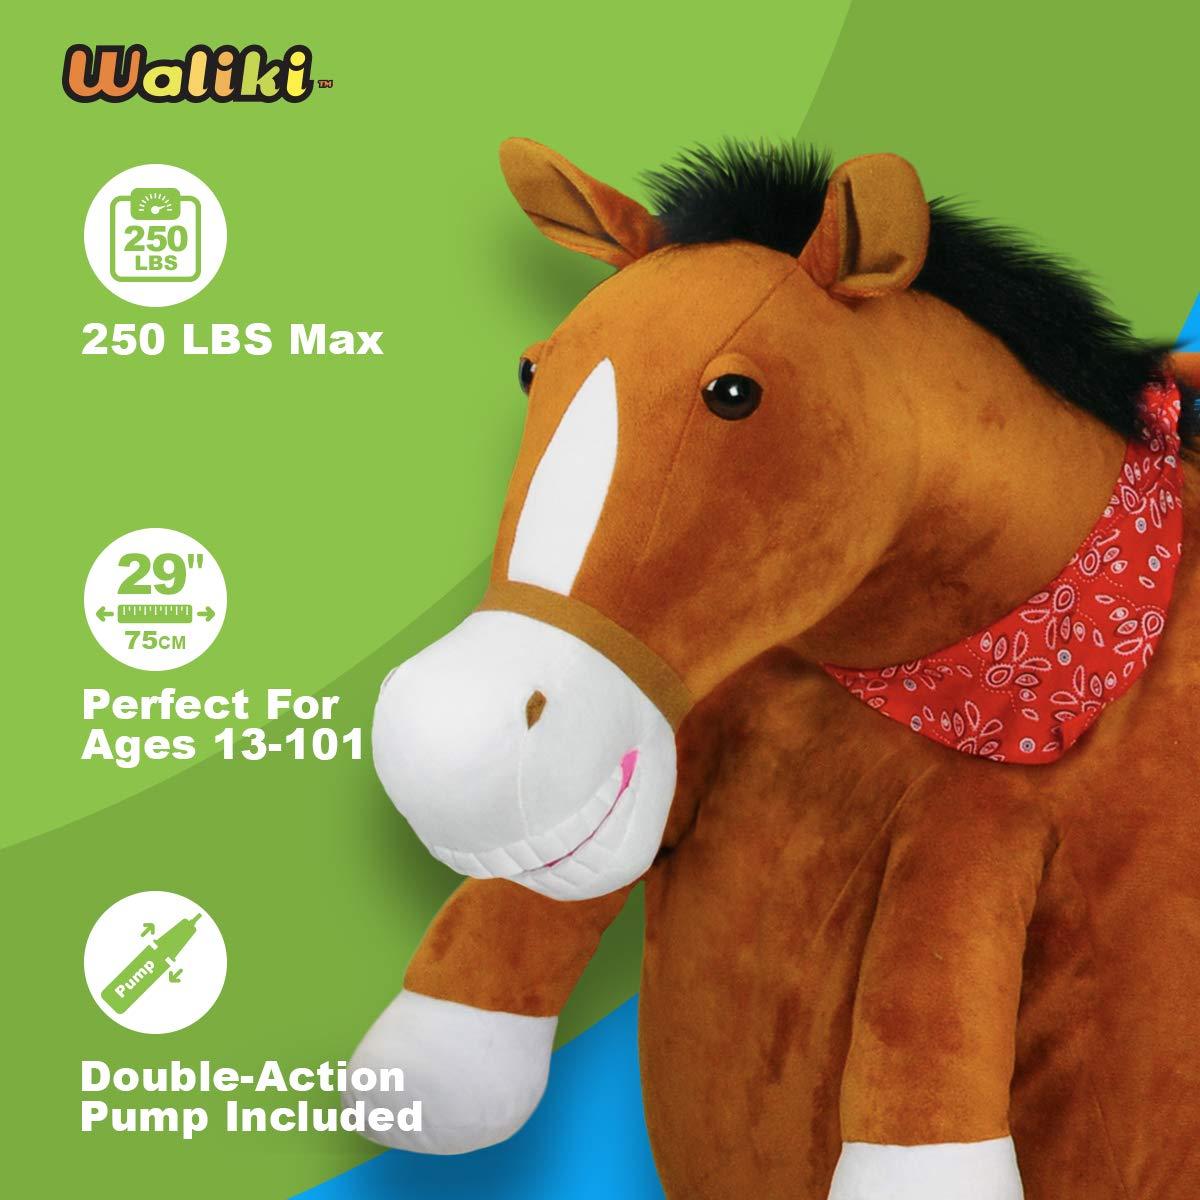 Amazon.com: Bola de salto para adultos WALIKI TOYS (bola ...